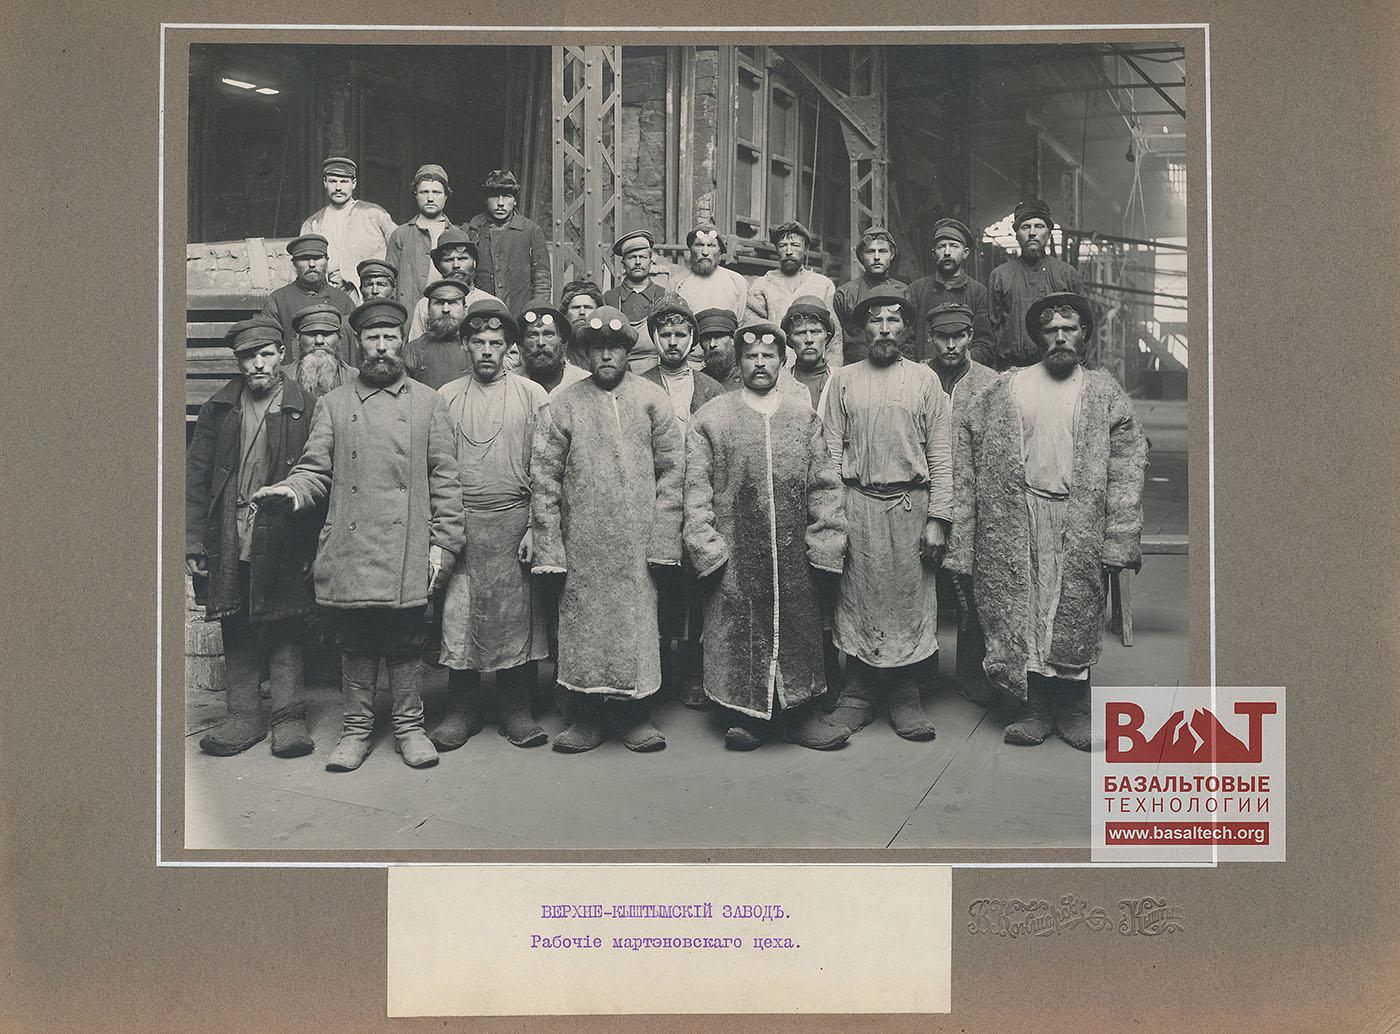 35. Верхен-Кыштымский завод. Дореволюционная фотография